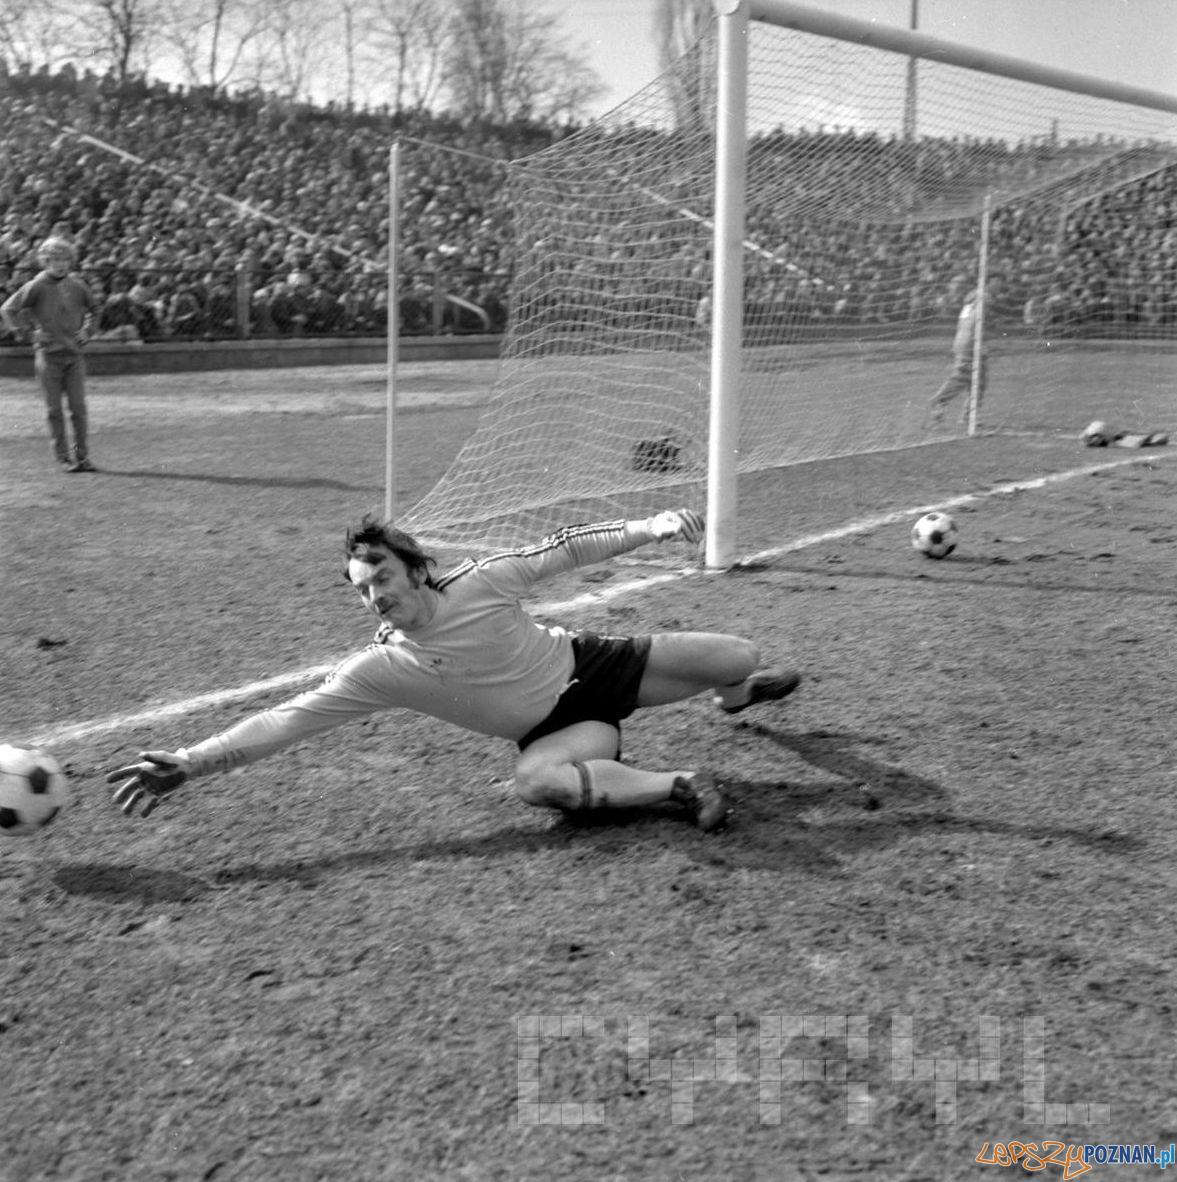 Debiec stadion Lech Poznan Stal Mielec 12.03.1978 S.Wiktor Cyryl (5)  Foto: Stanisław Wiktor / Cyryl